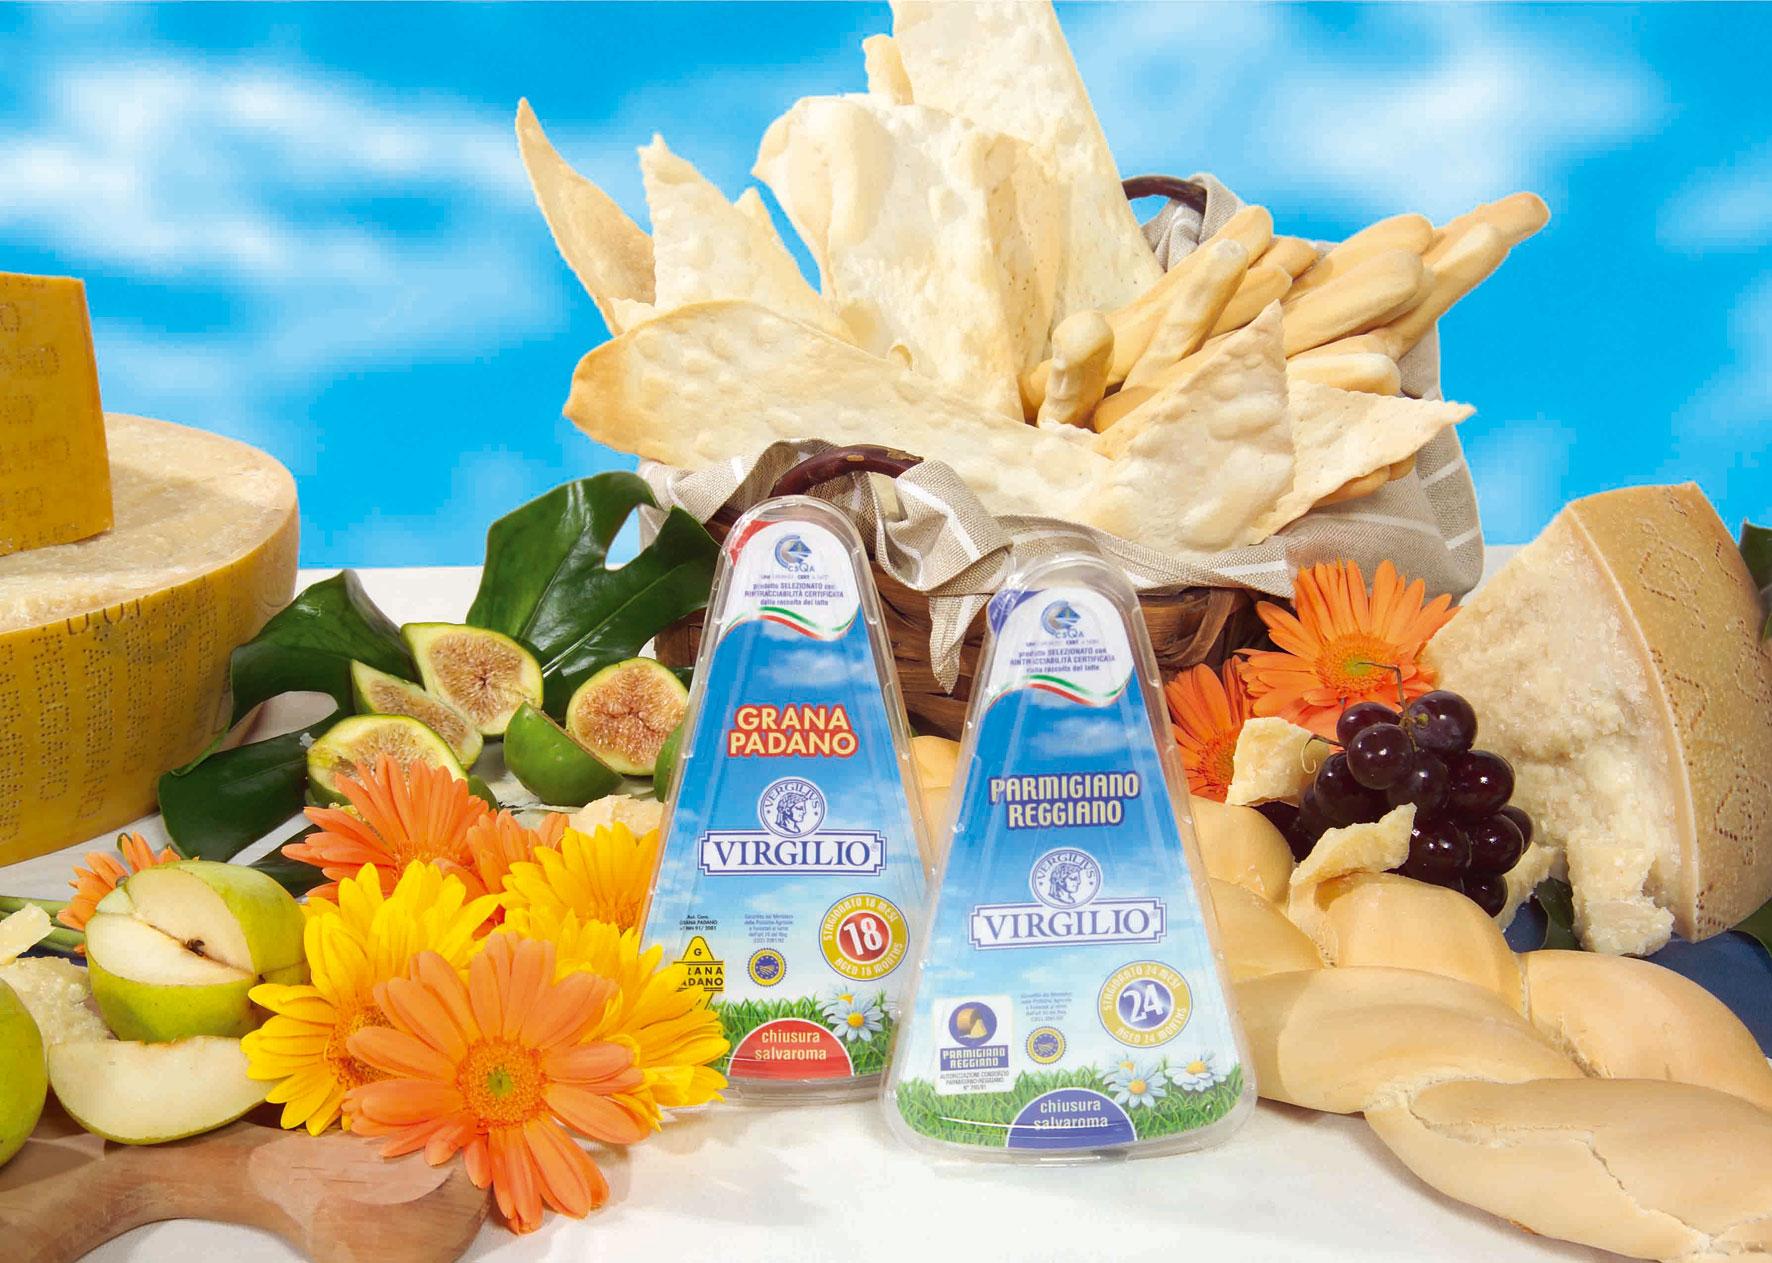 Virgilio amplia la gamma dei suoi prodotti:arrivano il Parmigiano e il Grana Padano con stagionatura dichiarata,   confezione richiudibile e rintracciabilità di filiera